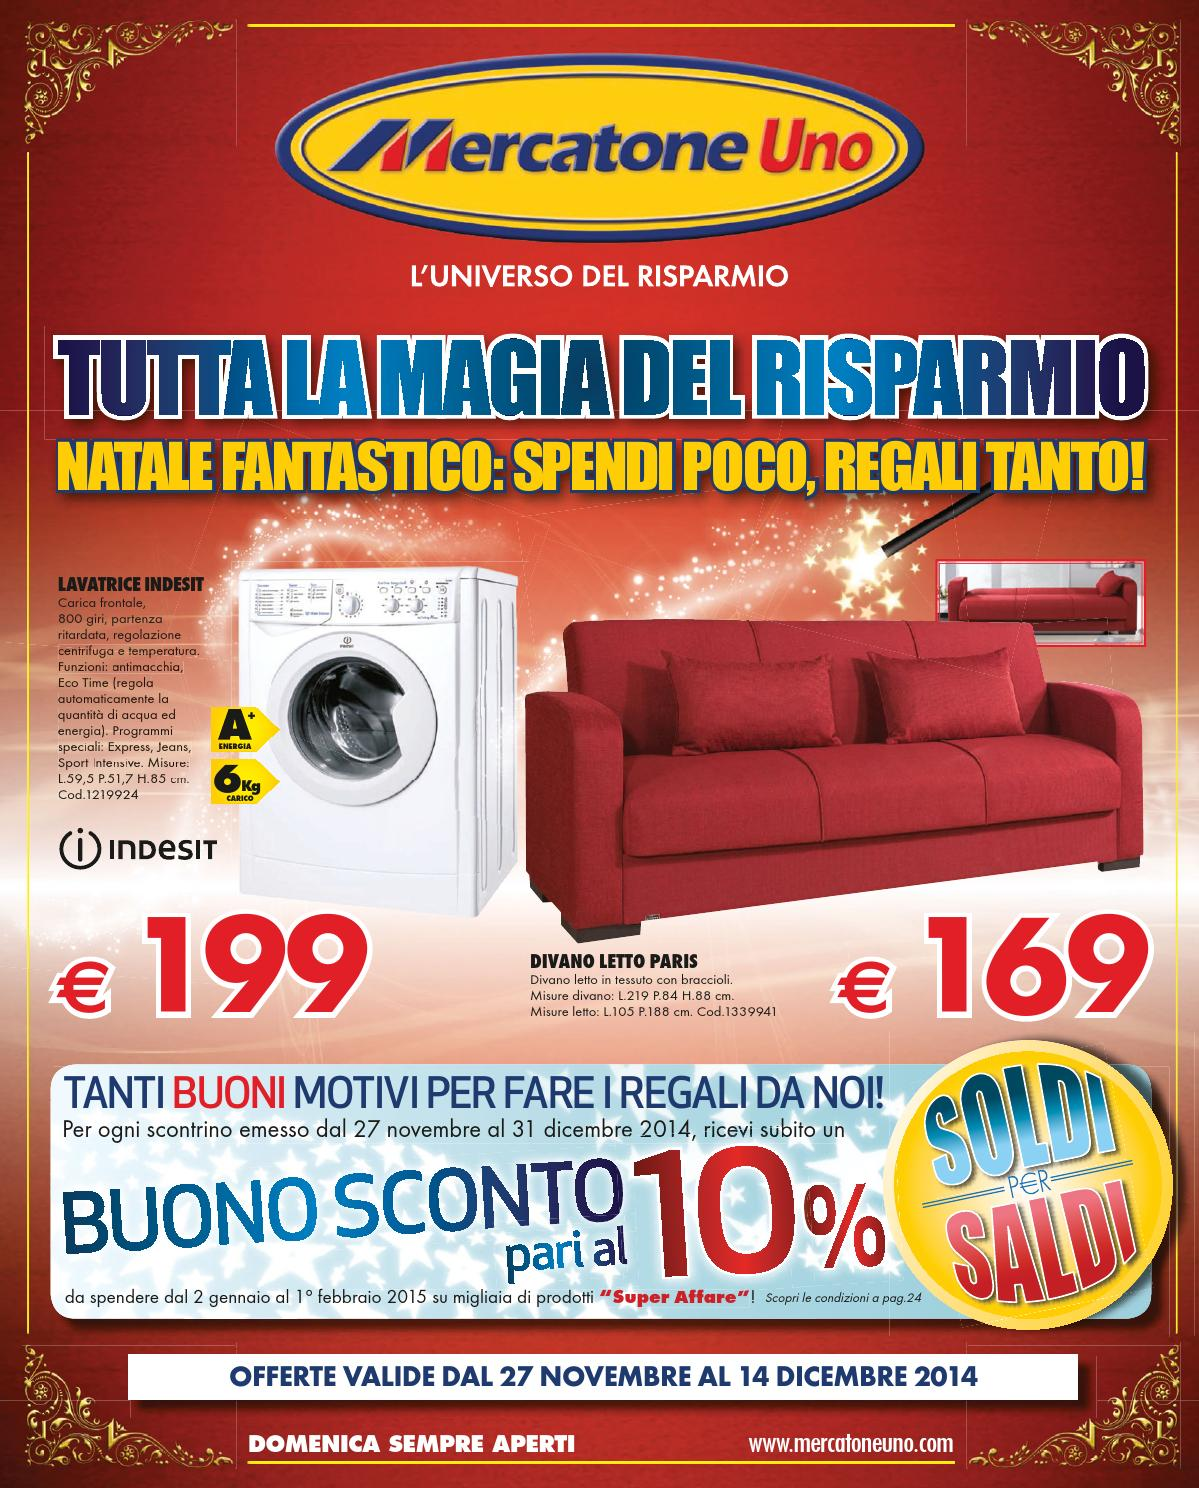 mercatoneuno 14dic by volavolantino - issuu - Soggiorno Globo Mercatone Uno